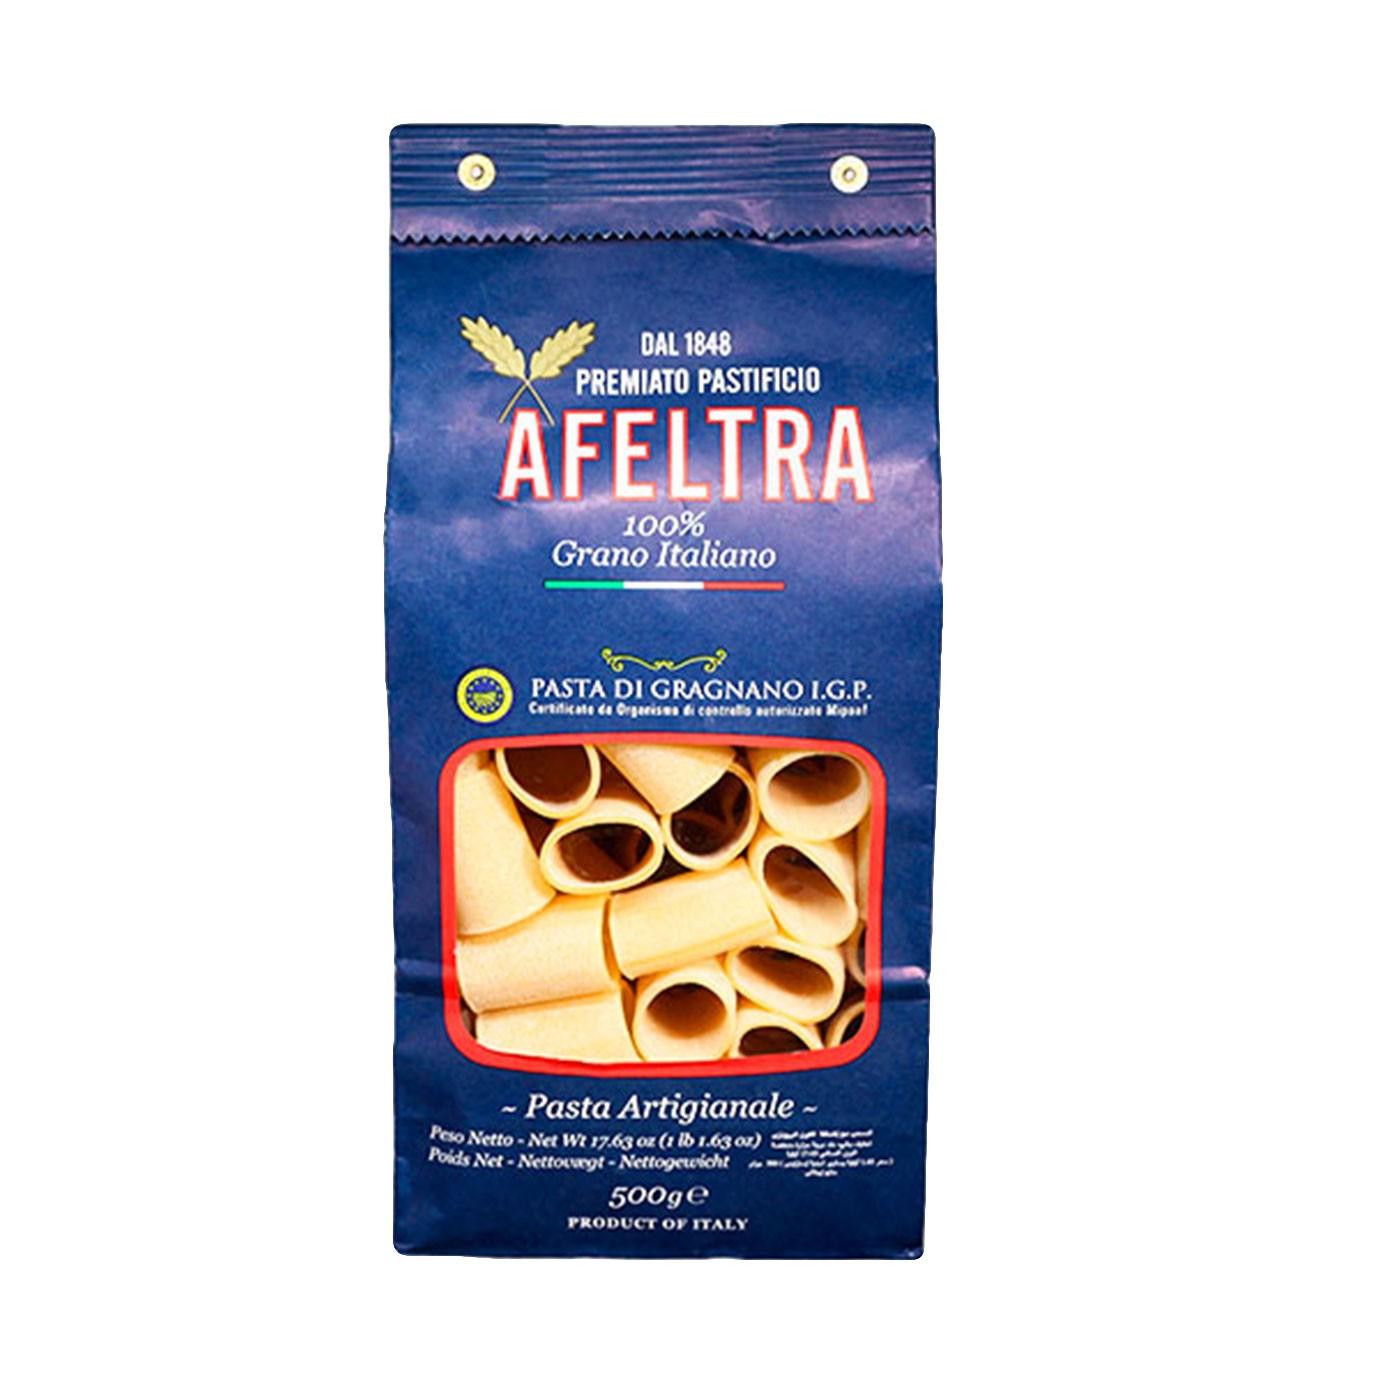 100% Italian Grain Paccheri 17.6 oz - Afeltra